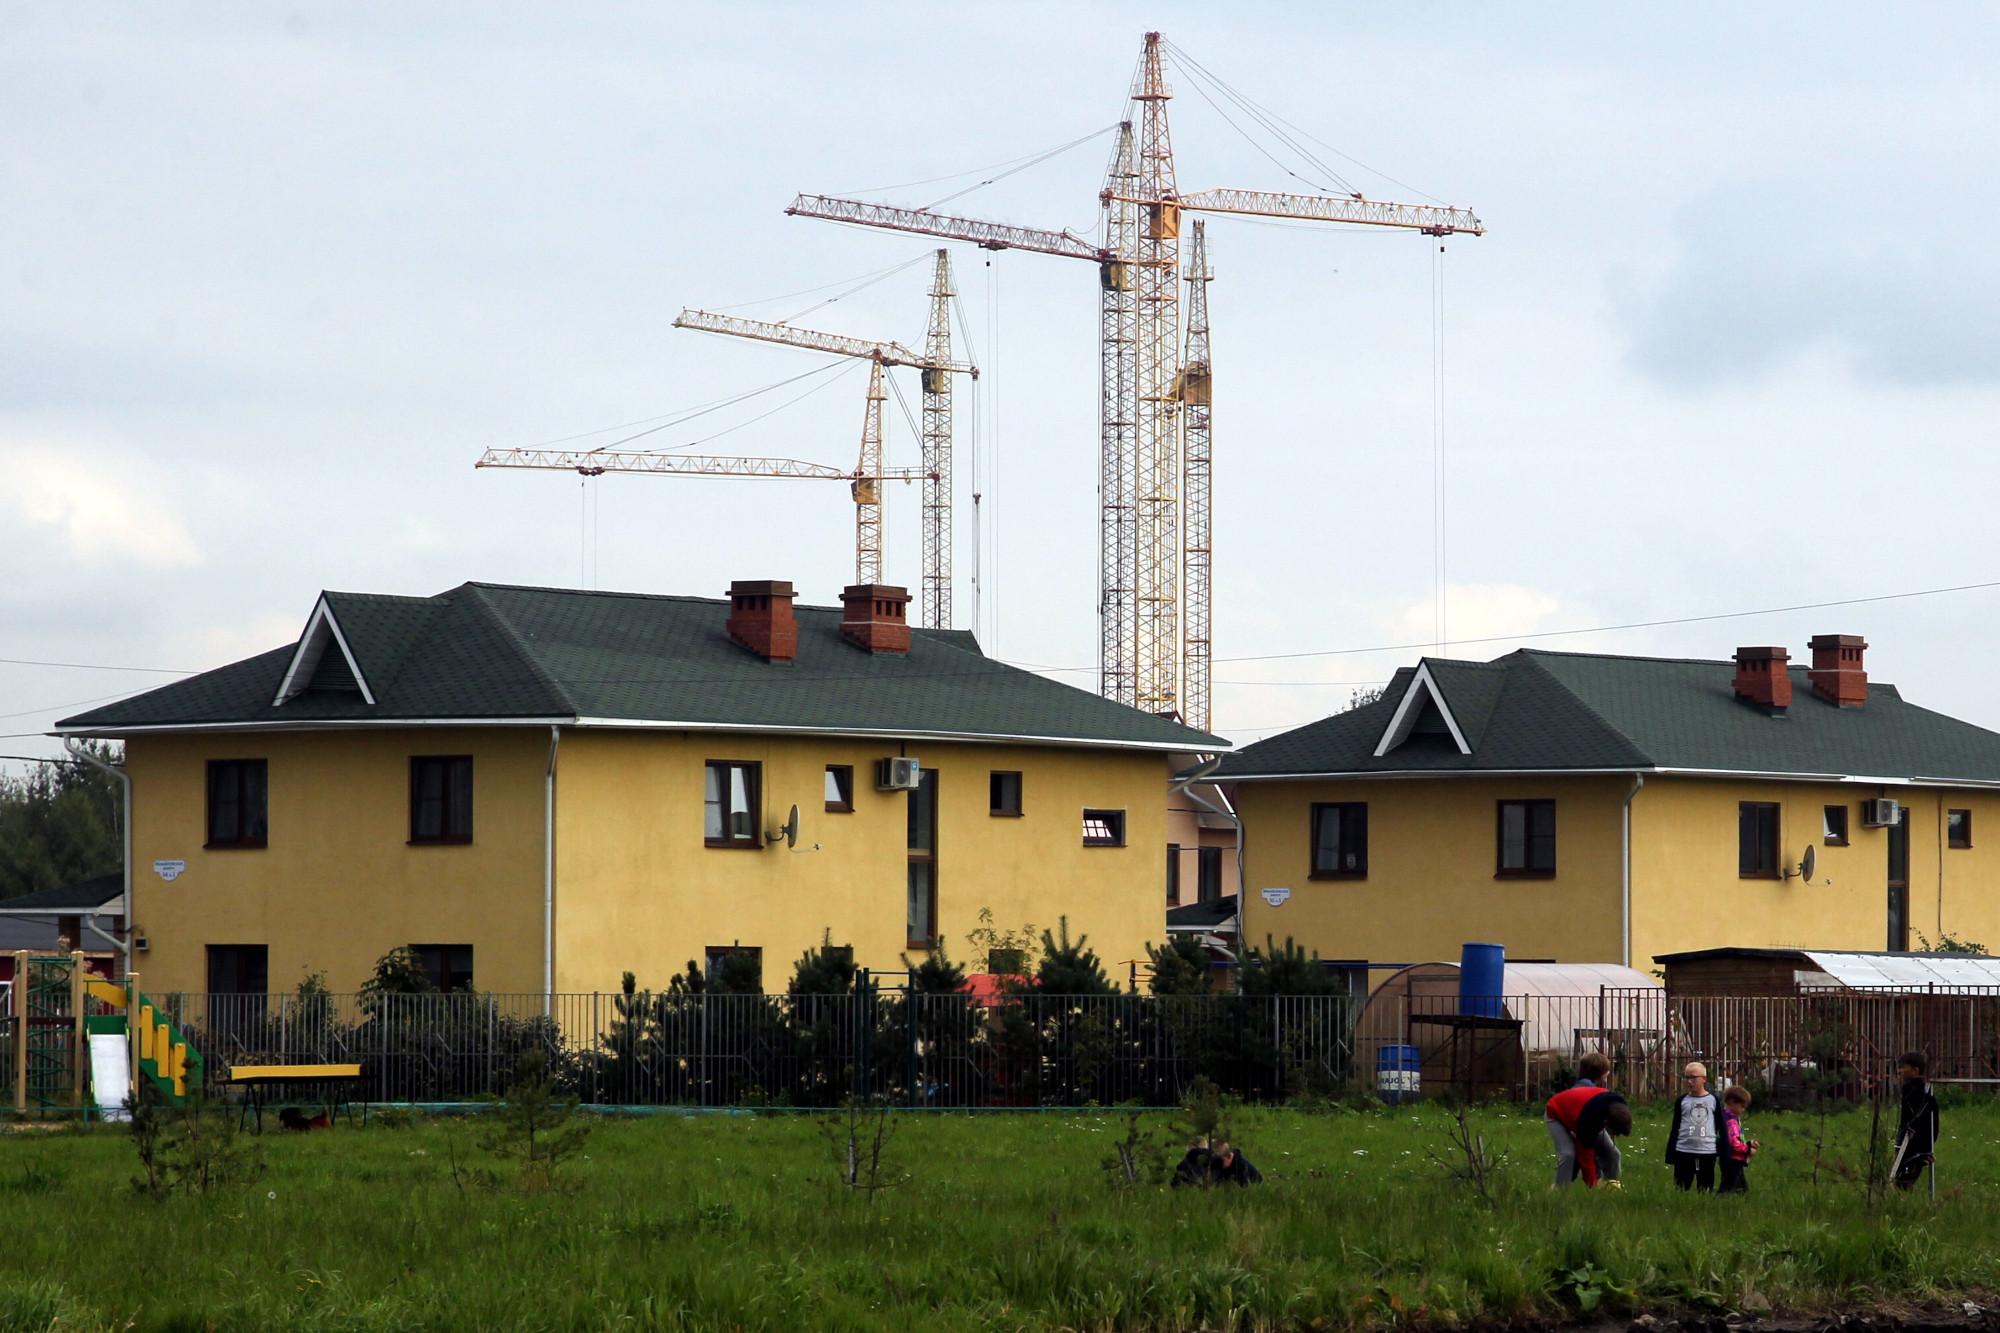 Ольгинская детская деревня, строительные краны